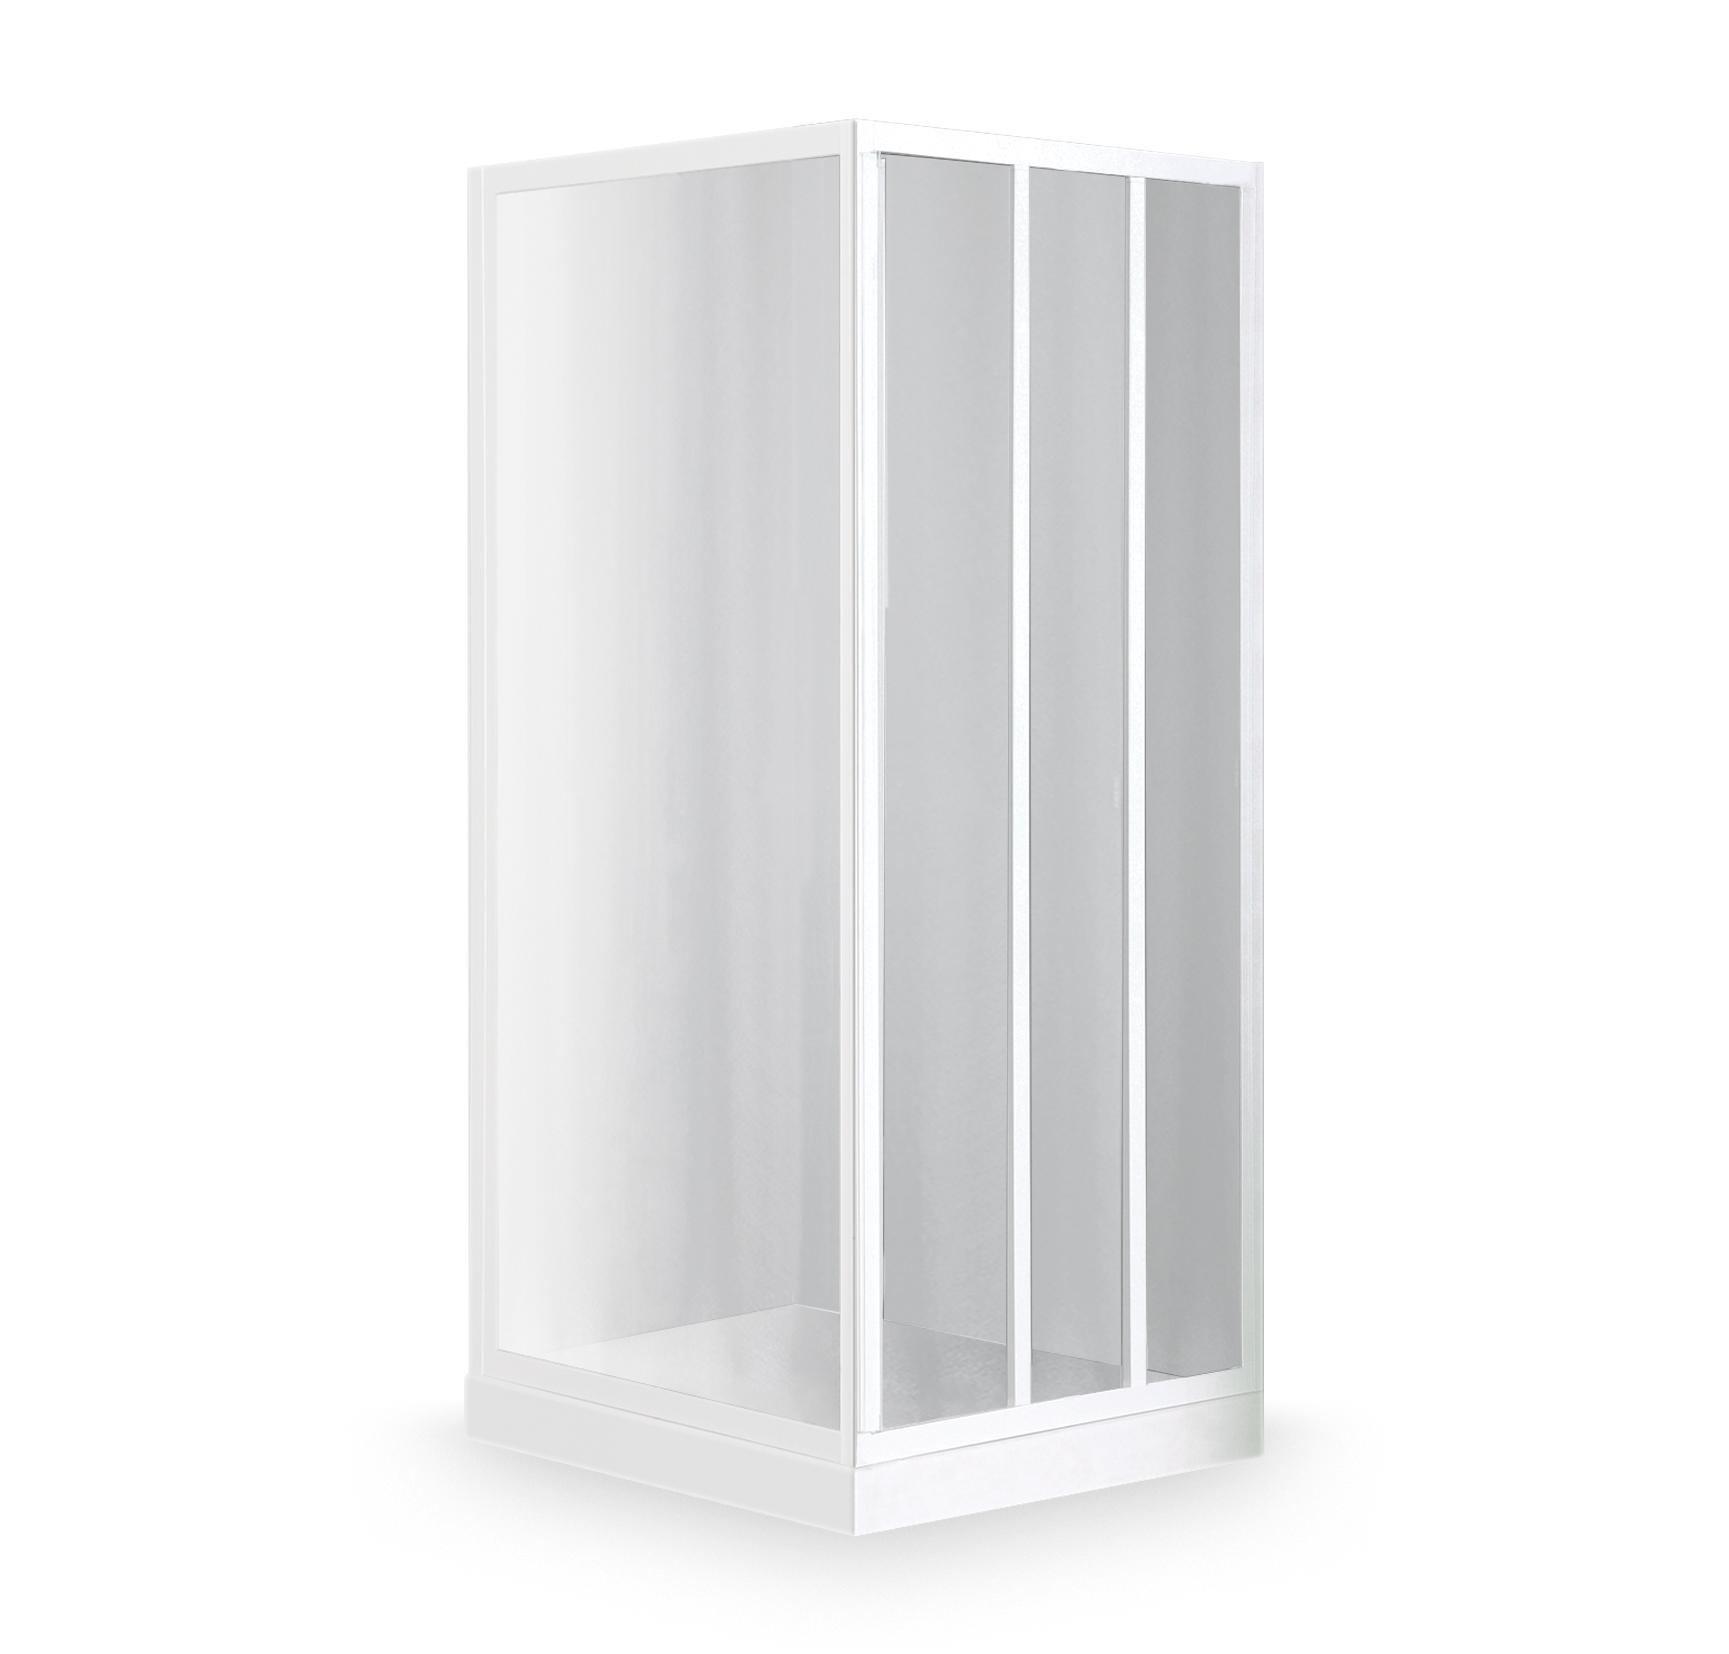 LD3/800+LSB/850, Instalační rozměr (y): Viz technická specifikace, Profil: Bílý, Šířka dveří: 800, Šířka pevné stěny: 850, Typ: LD3/800+LSB/850, Výplň: Damp, LD3+LSB